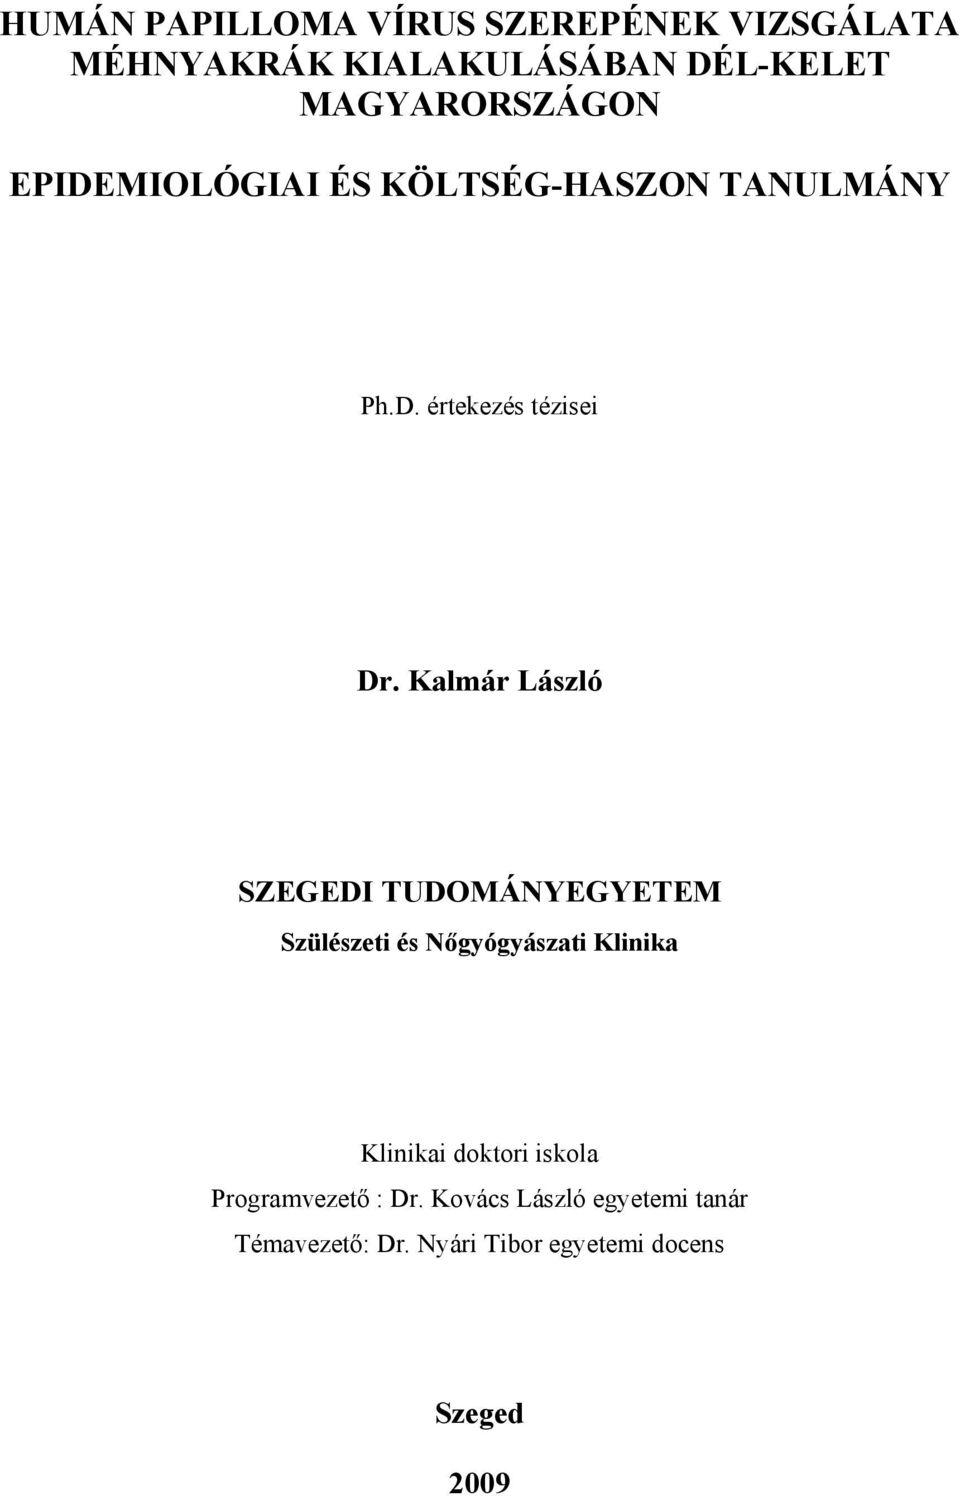 humán papillomavírus vizsgálatok)